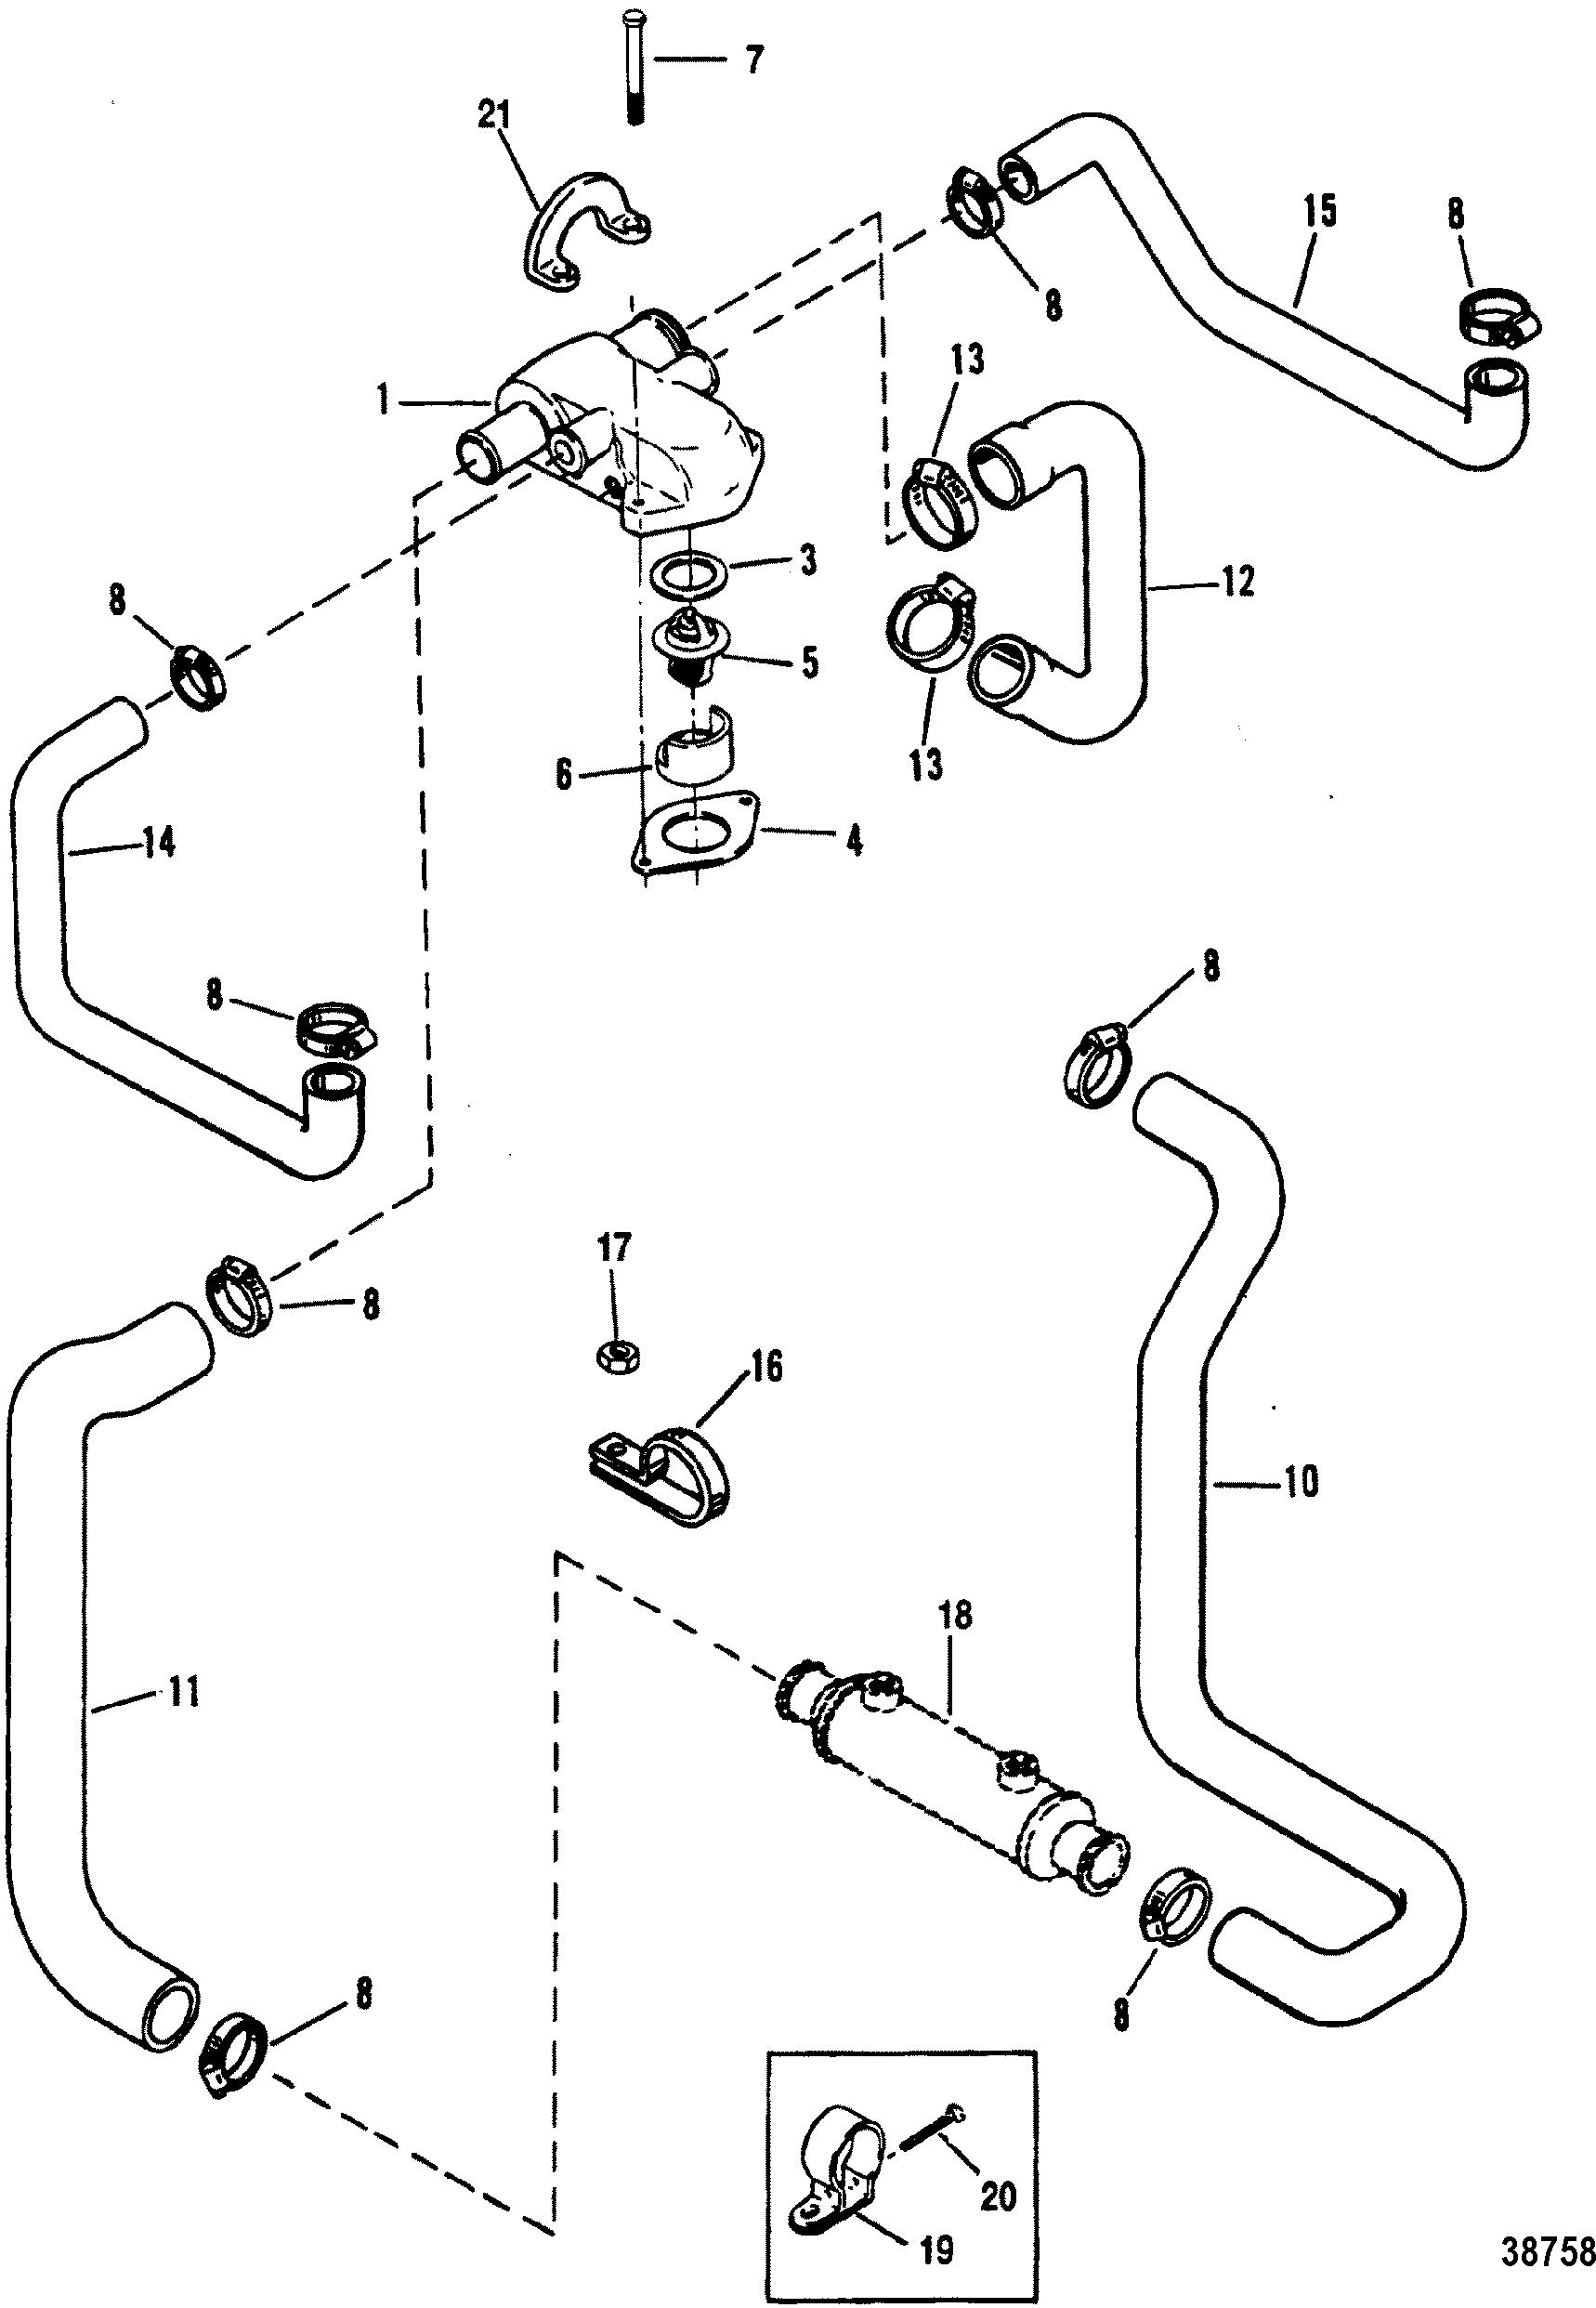 Fine Mercury Fuel System Diagram Auto Electrical Wiring Diagram Wiring Cloud Ostrrenstrafr09Org